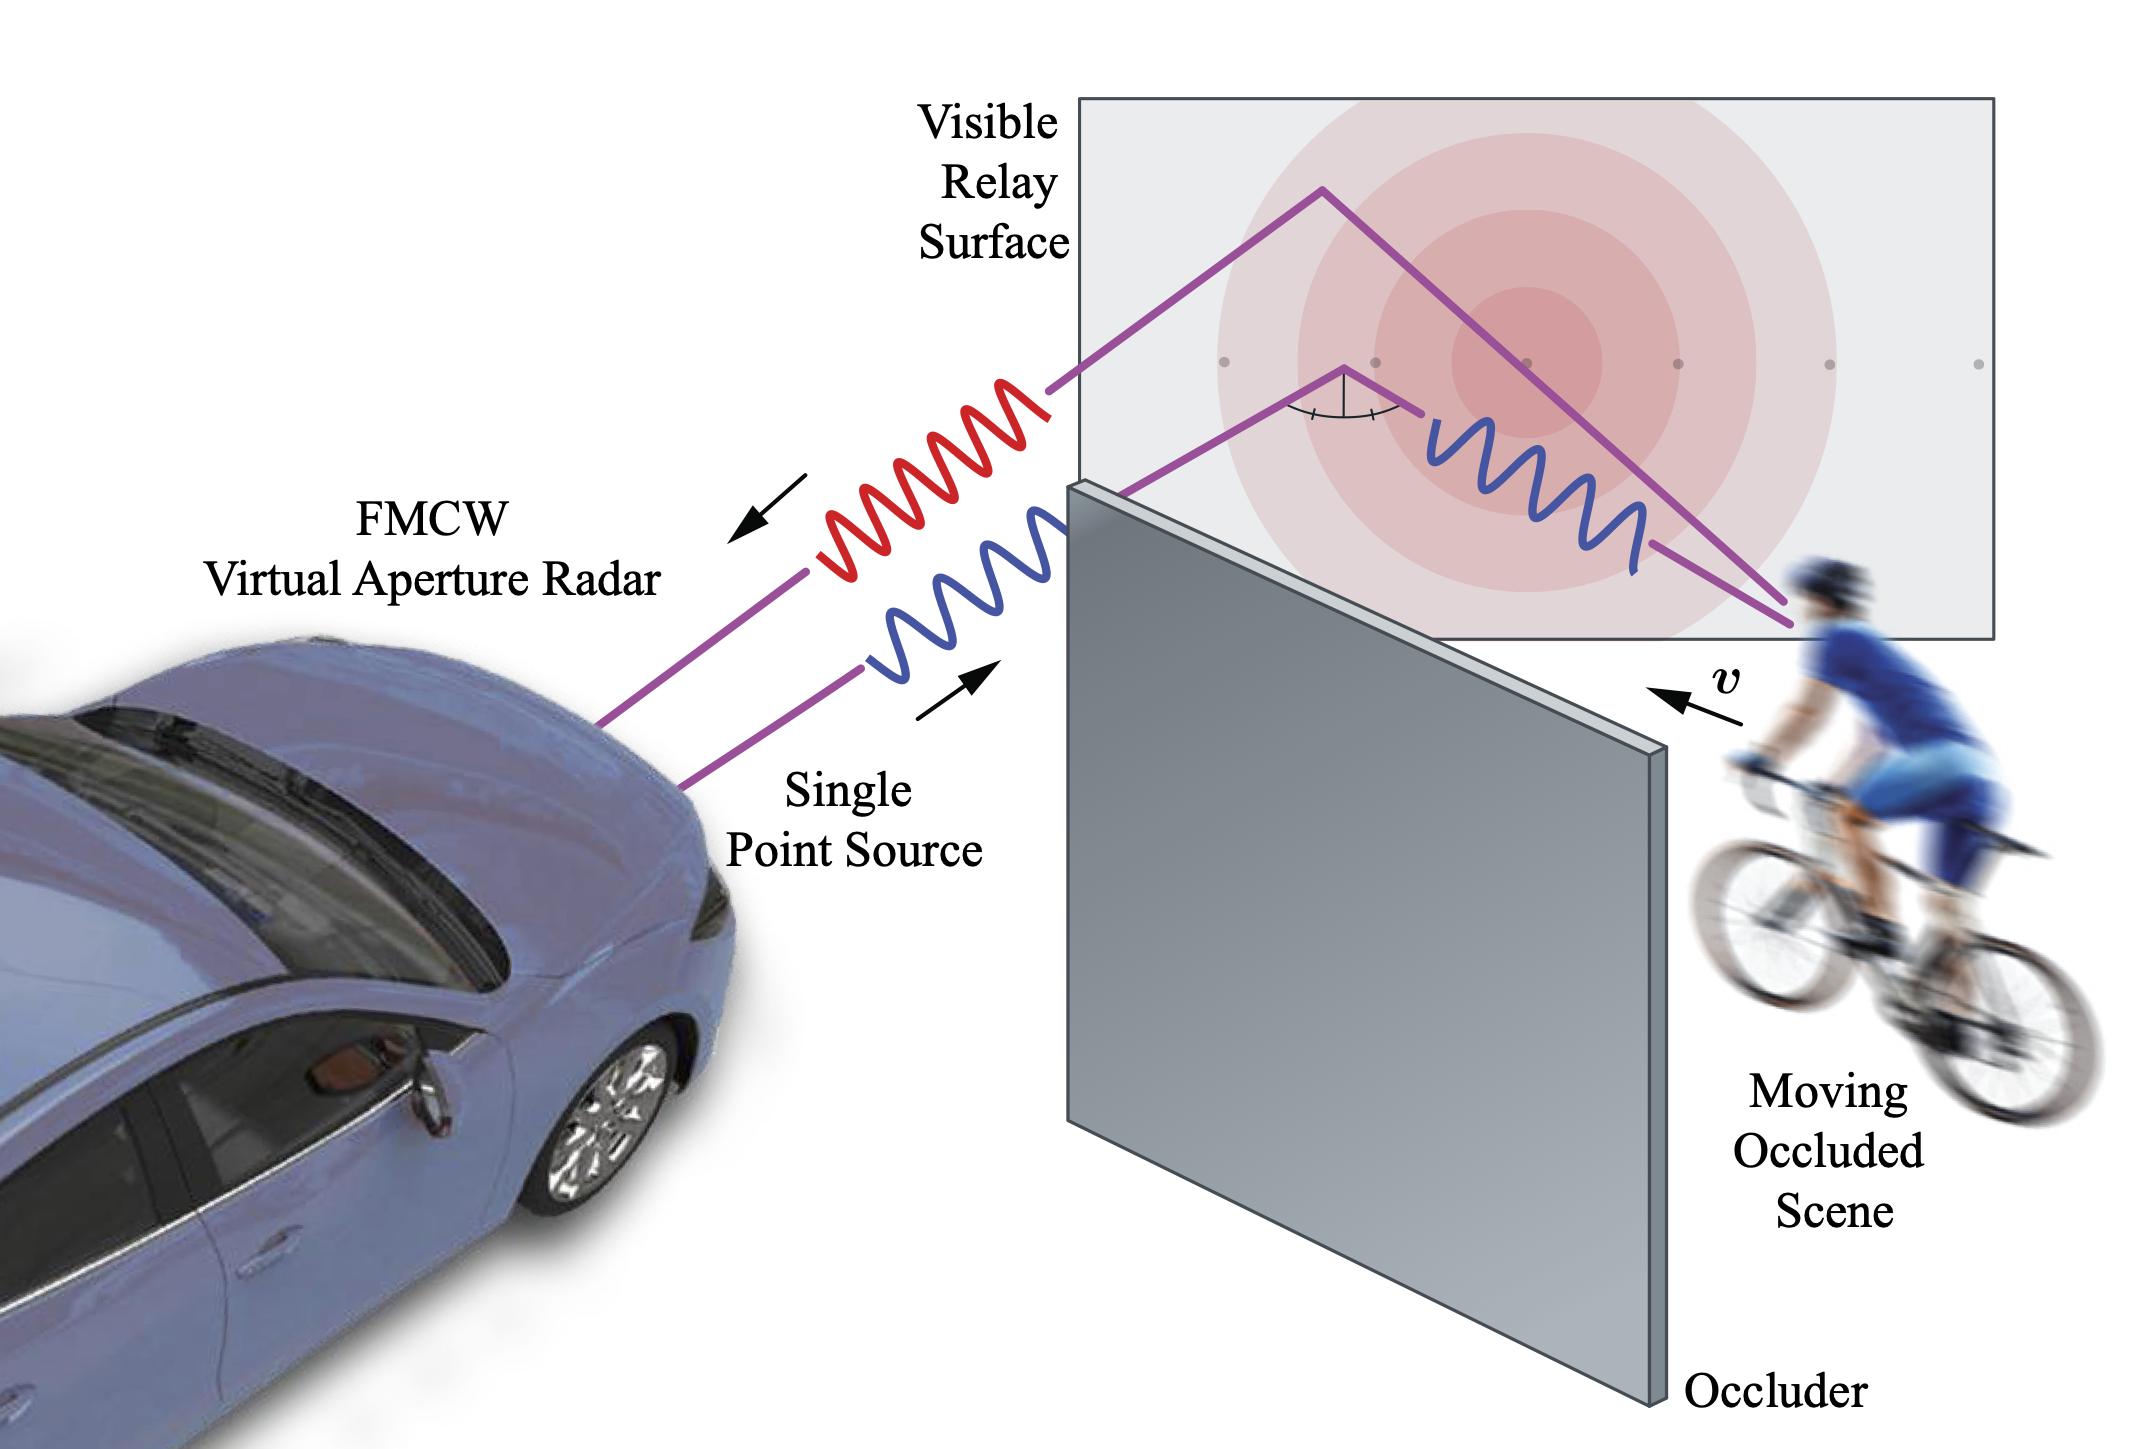 Mit Doppler-Radarmessungen unter Verwendung statischer Gebäudefassaden oder geparkter Fahrzeuge als Relaiswände ist es möglich, sich bewegende Objekte außerhalb der direkten Sichtlinie in großen Fahrzeugumgebungen zu detektieren. Foto: Daimler AG